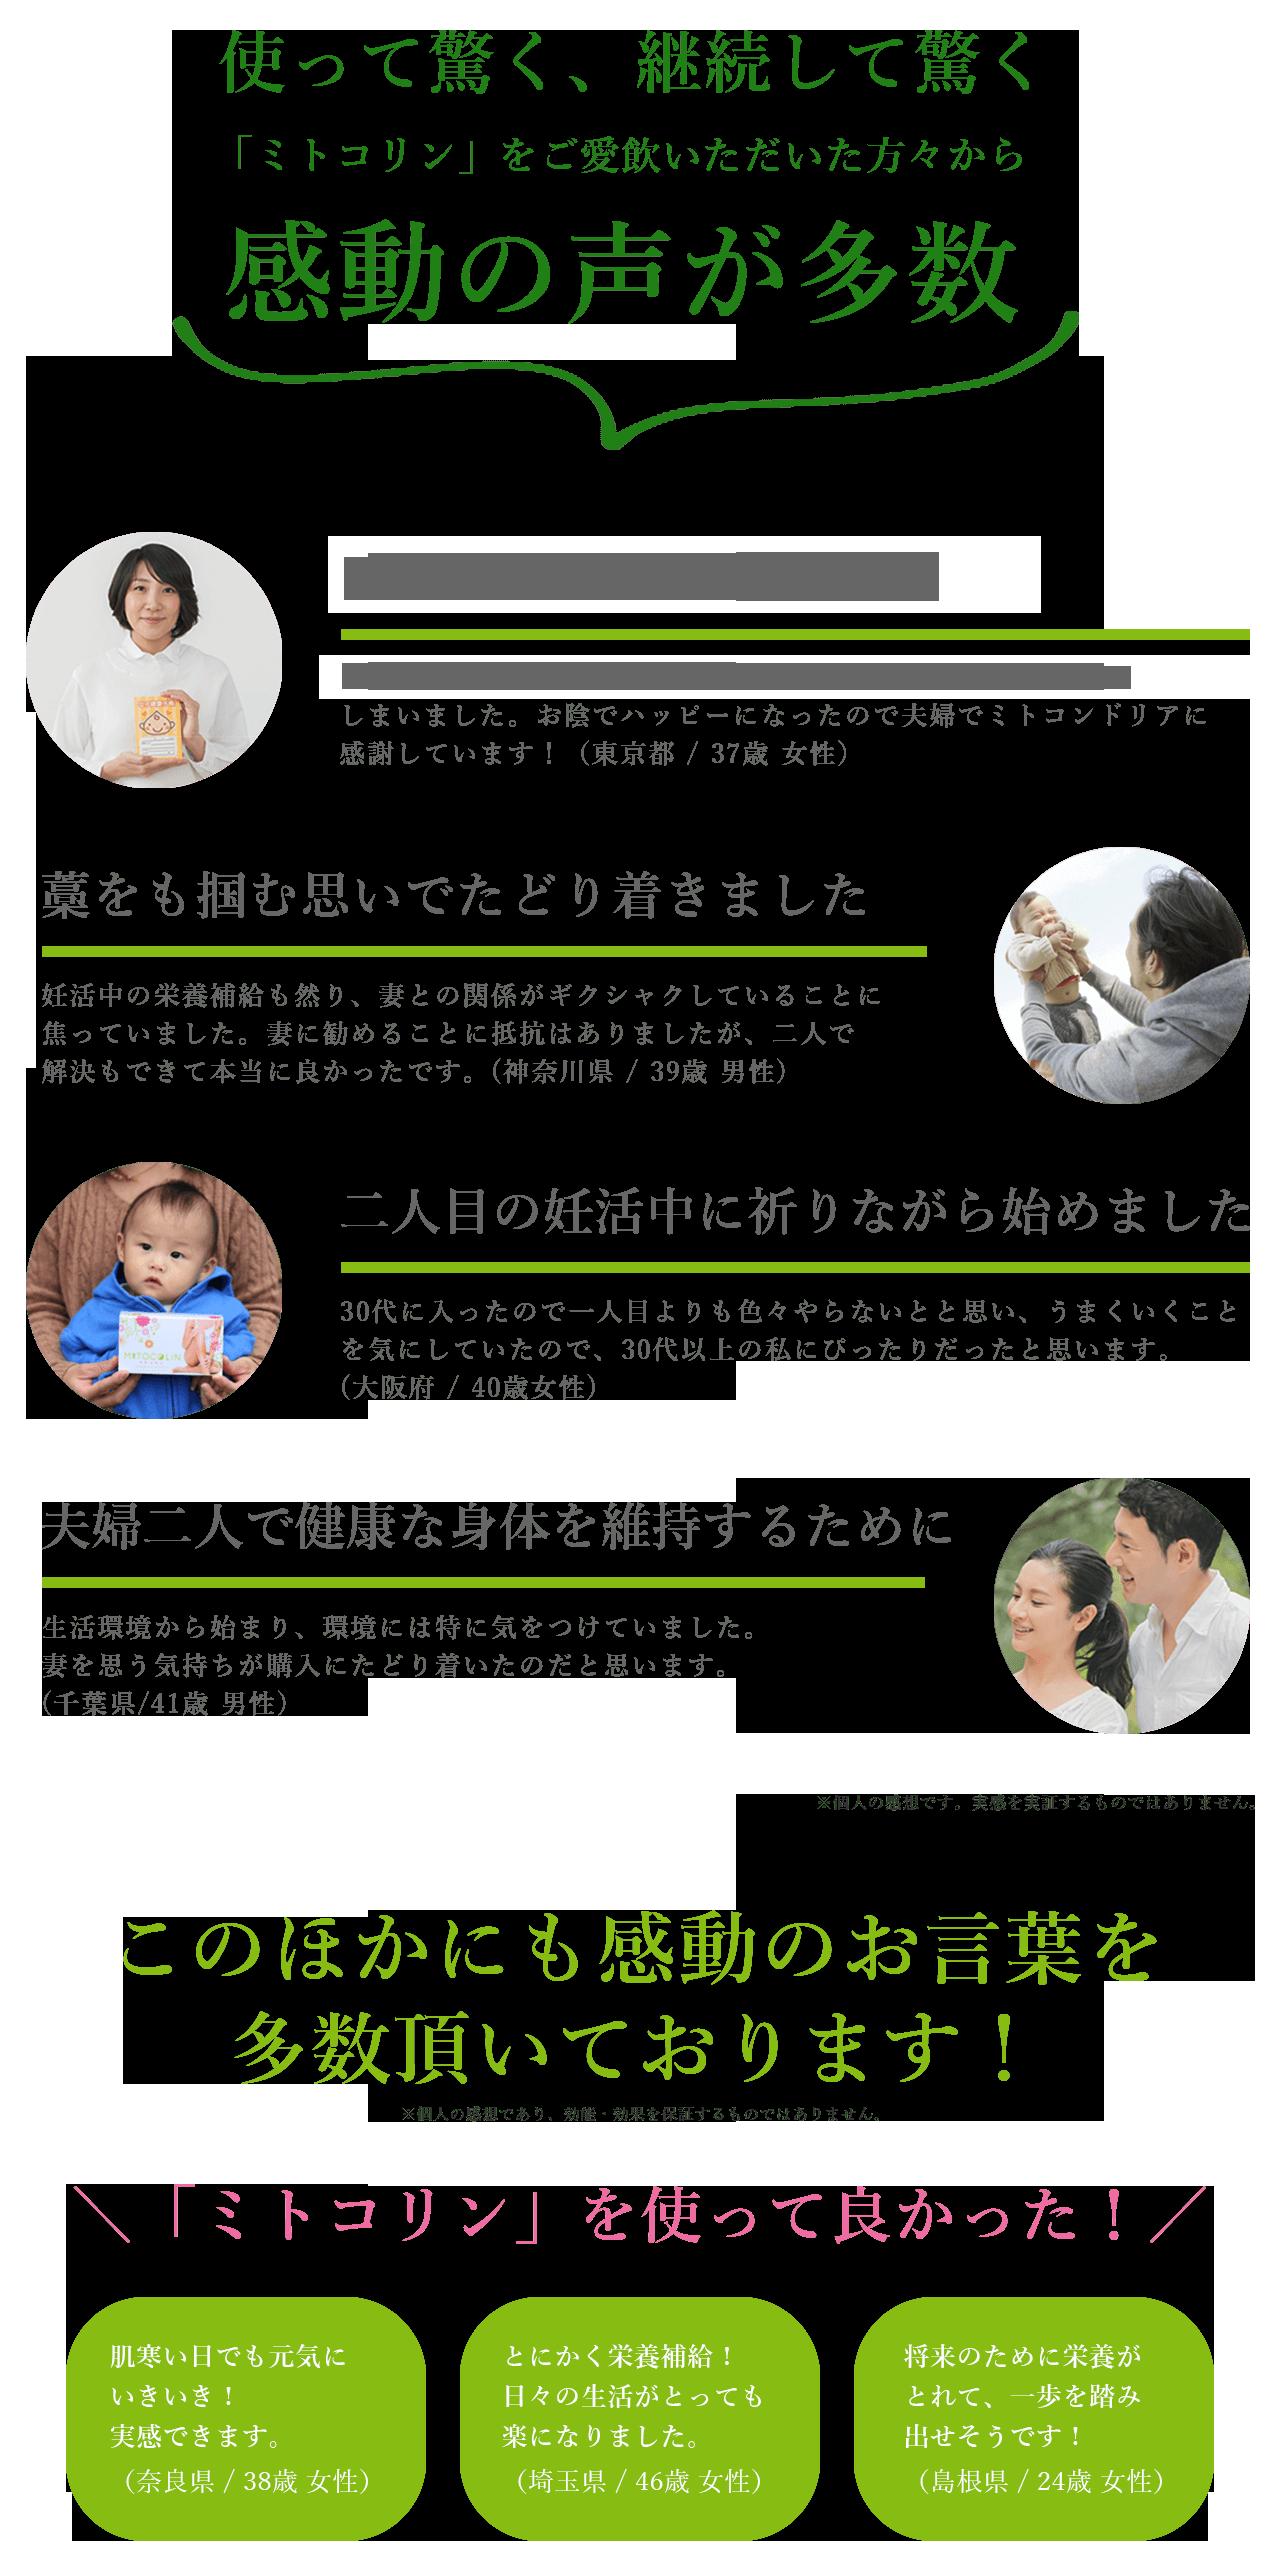 ミトコンドリアの増殖と活性に基づく妊活サプリ「MITOCOLiN(ミトコリン)」。ご愛飲頂いた方々から感動の声が多数!